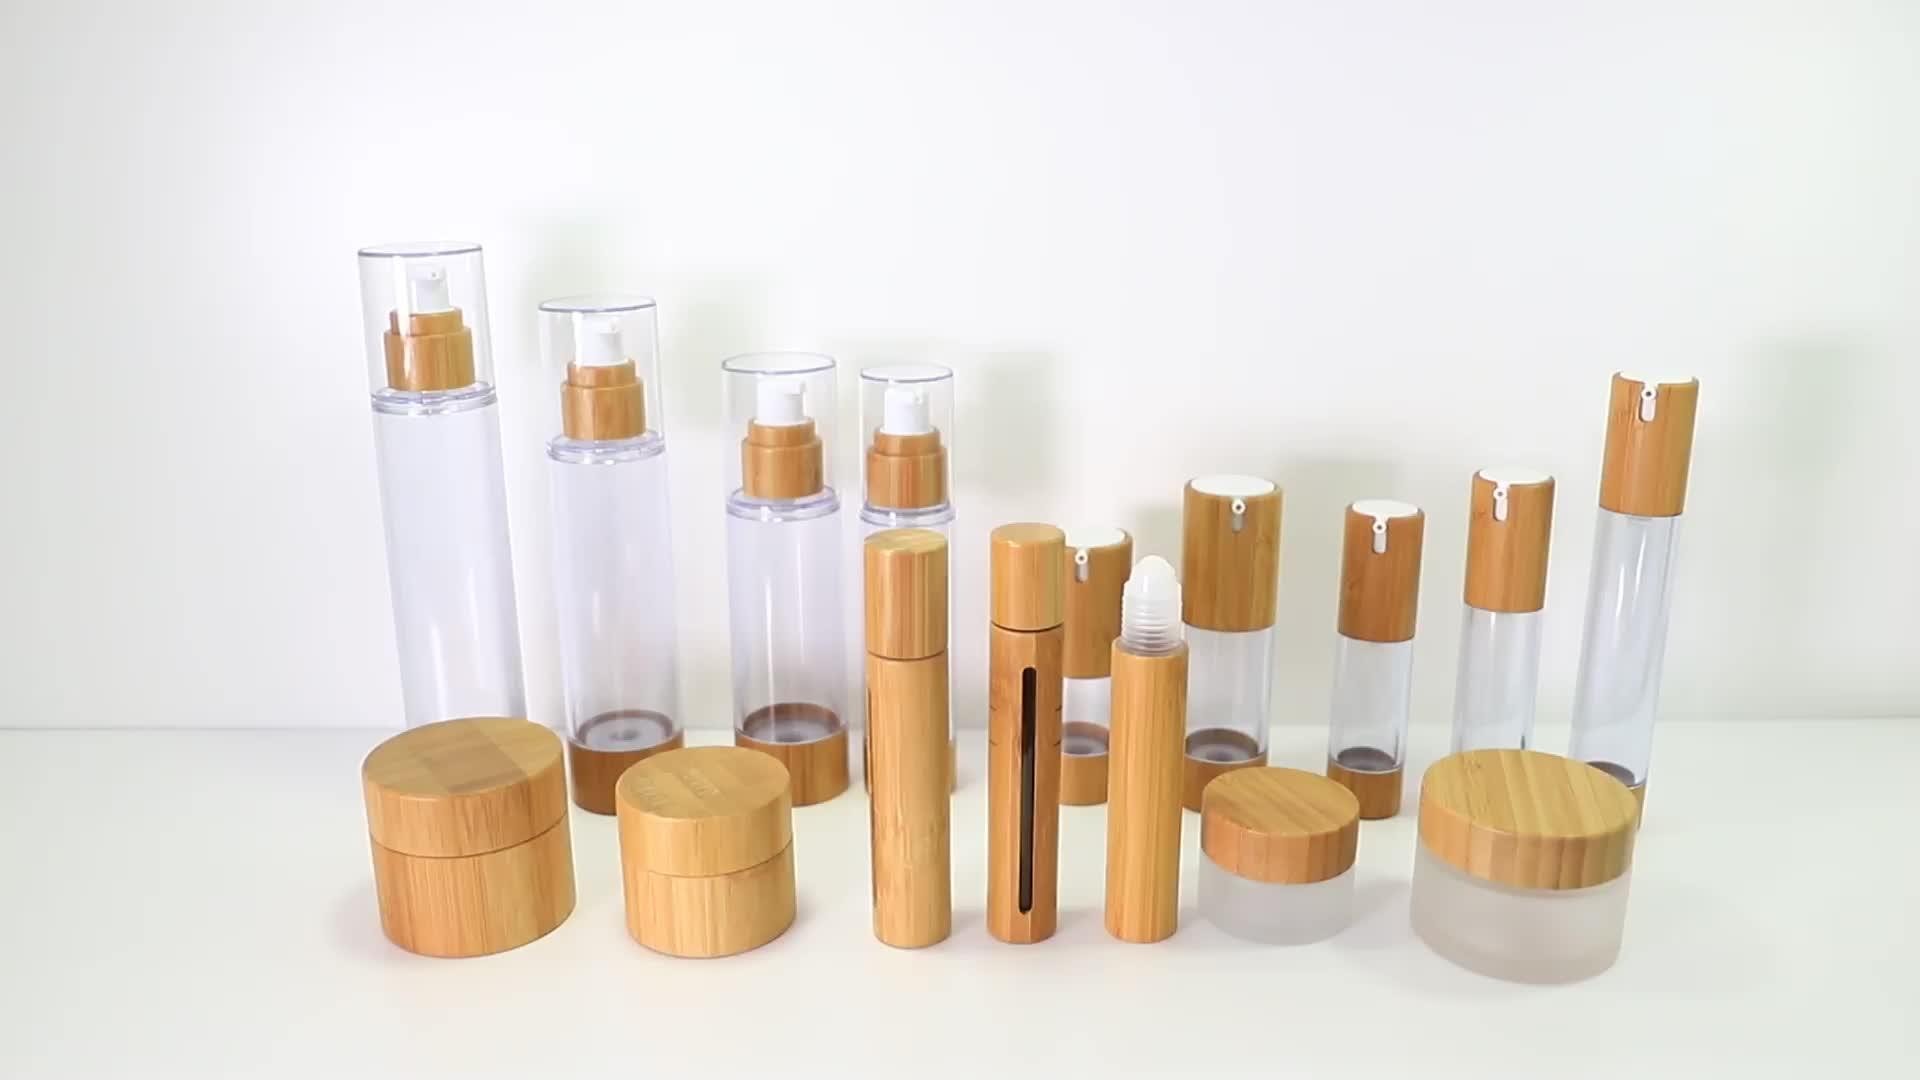 RTS Schnelle verschiffen 15g 30g 50g 100g frosted kosmetische glas mit natürlichen bambus kappe